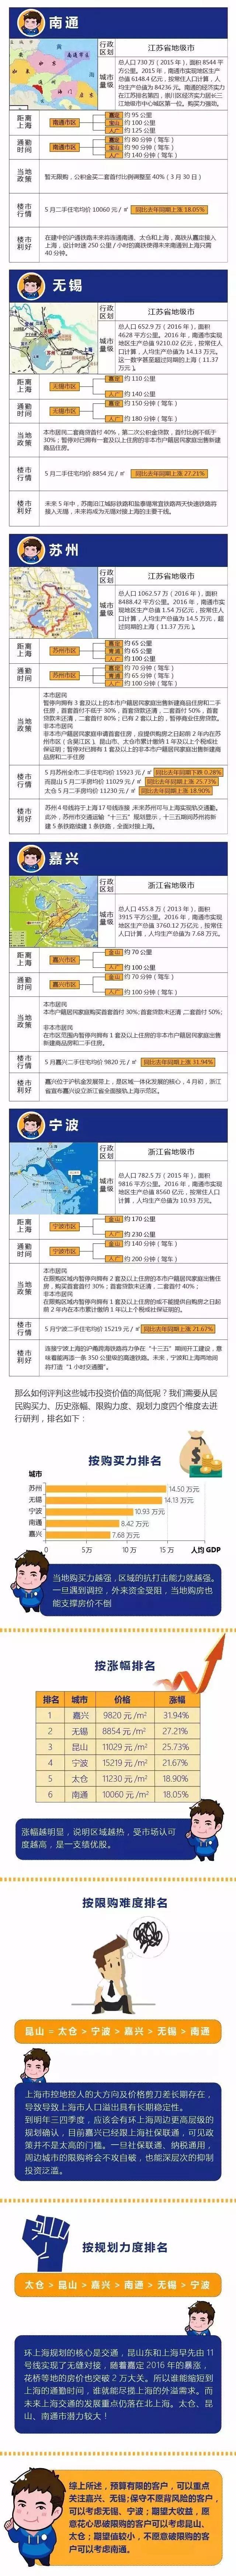 @南通人 真的不思索买套房?环上海都市圈,南通房产市场开展潜力较大